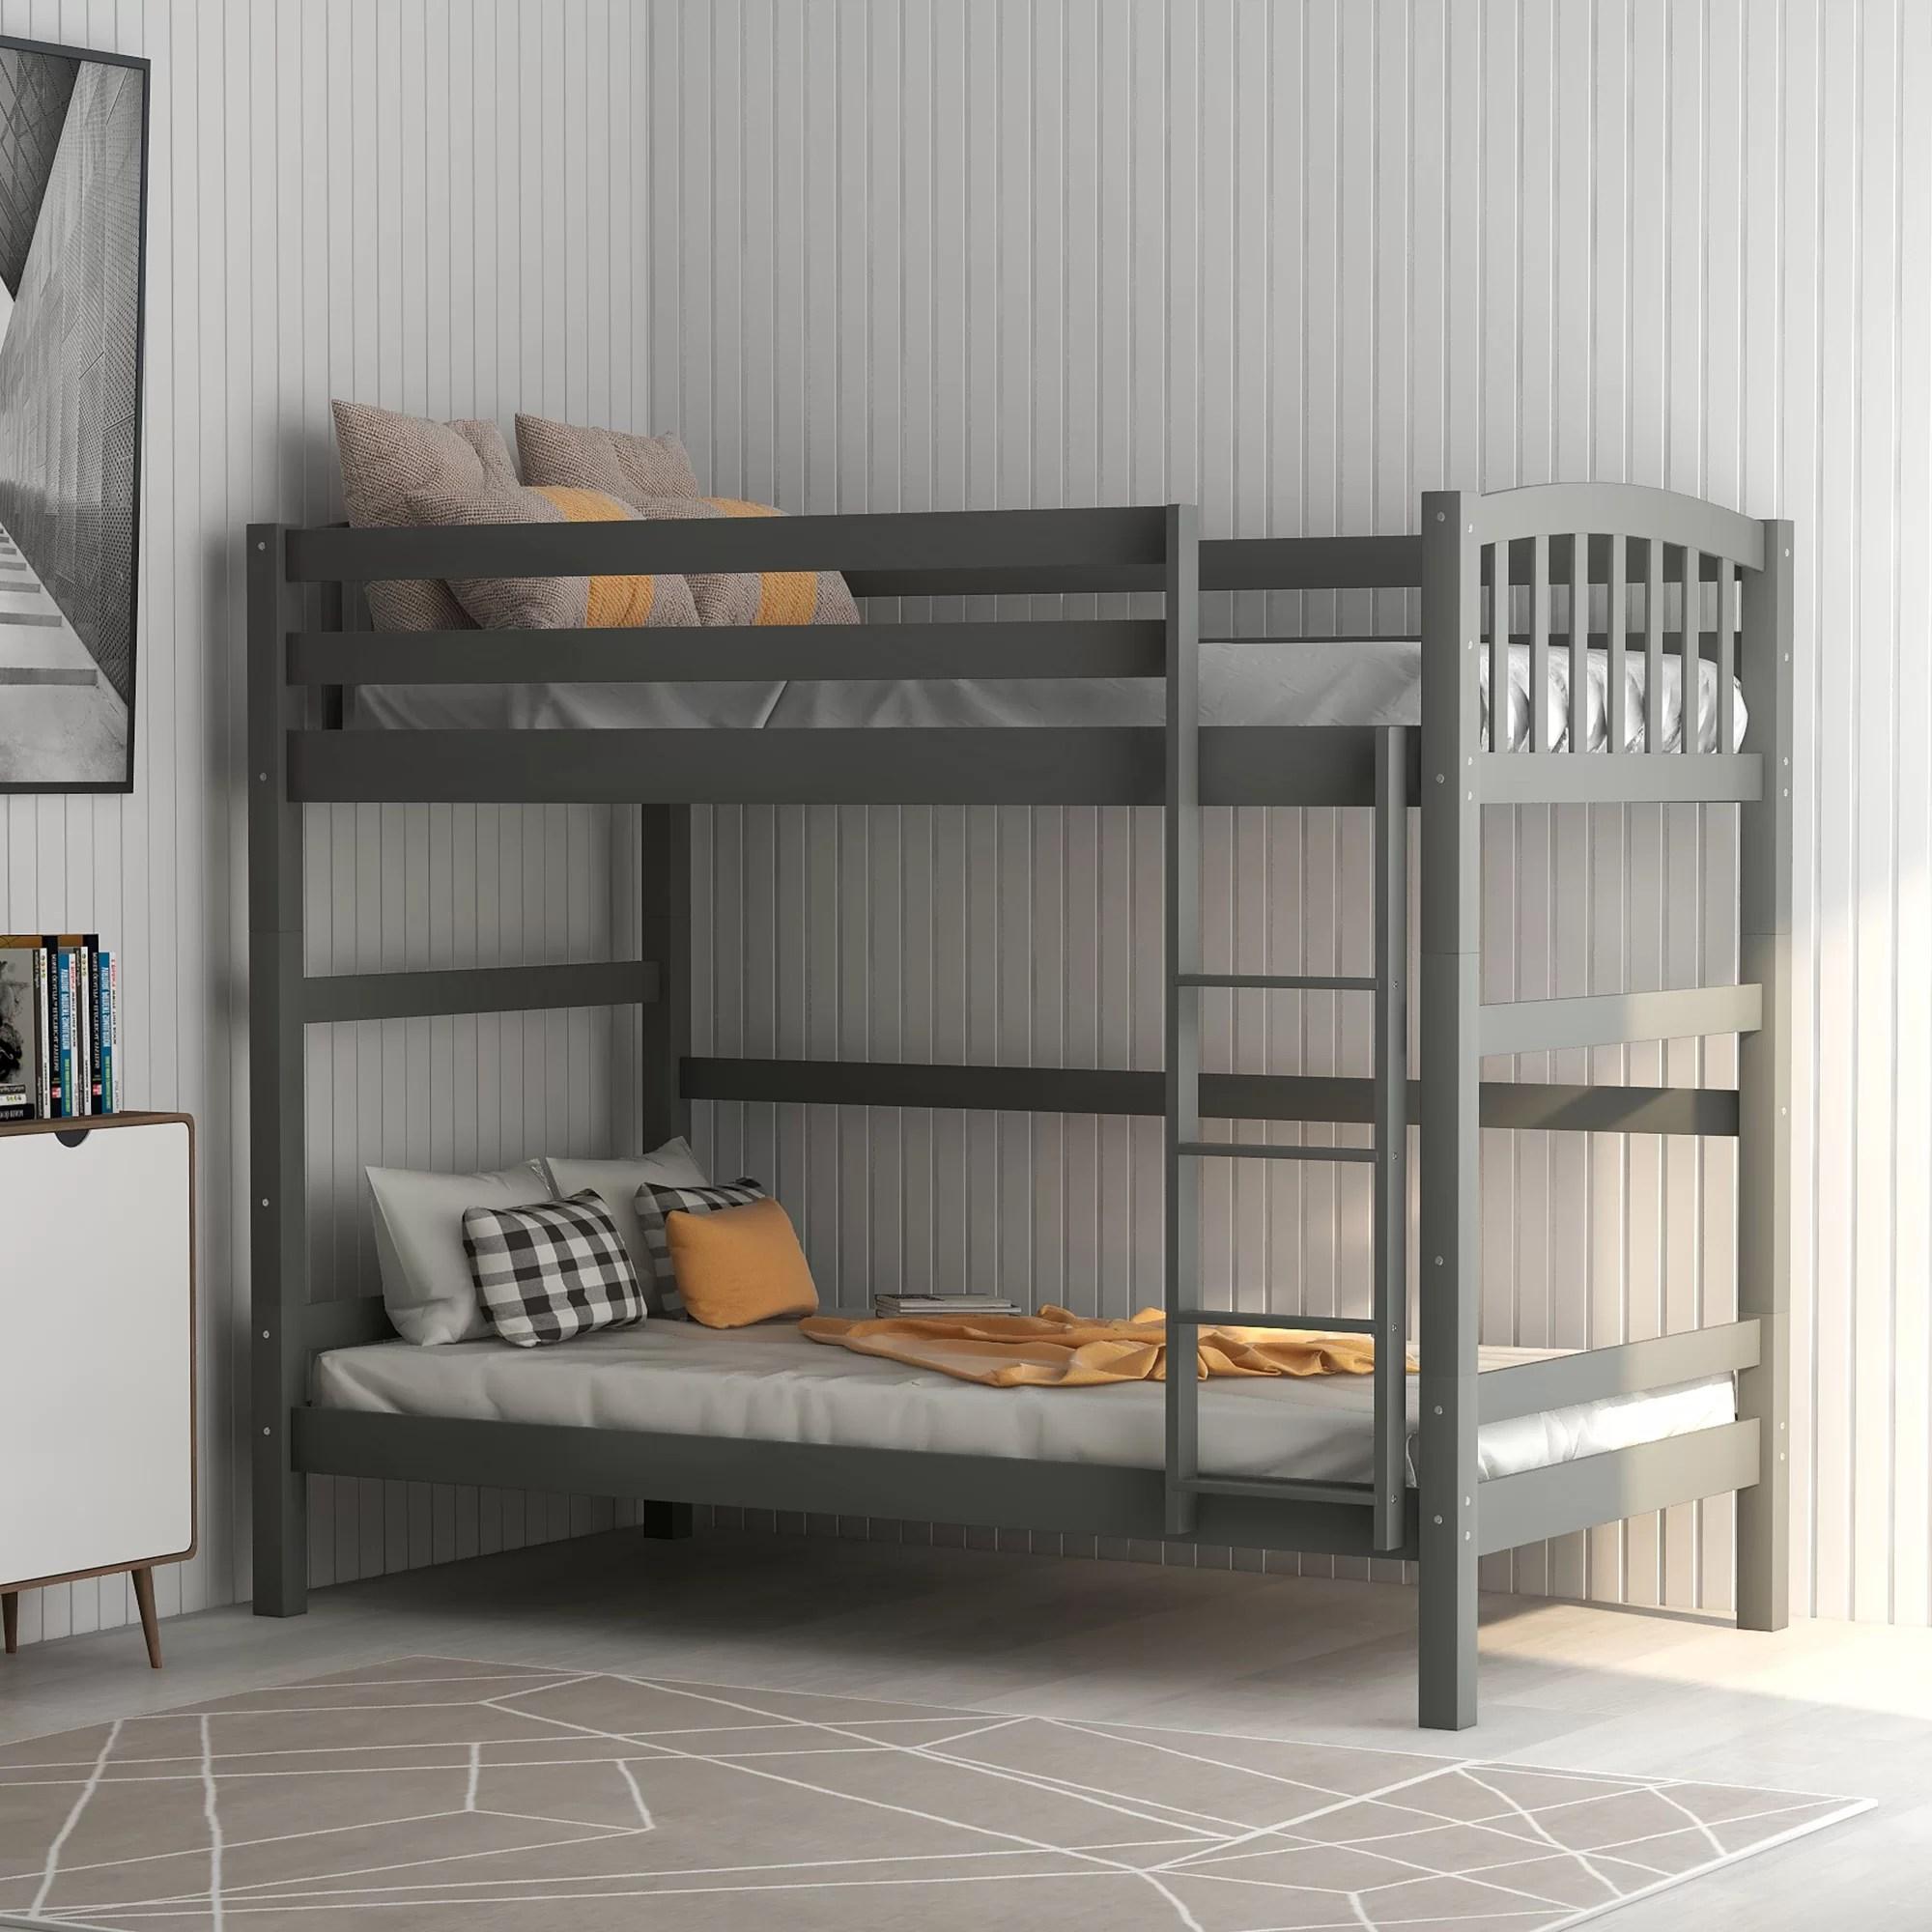 Harriet Bee Kelowna Twin Over Twin Bunk Bed Wayfair Ca